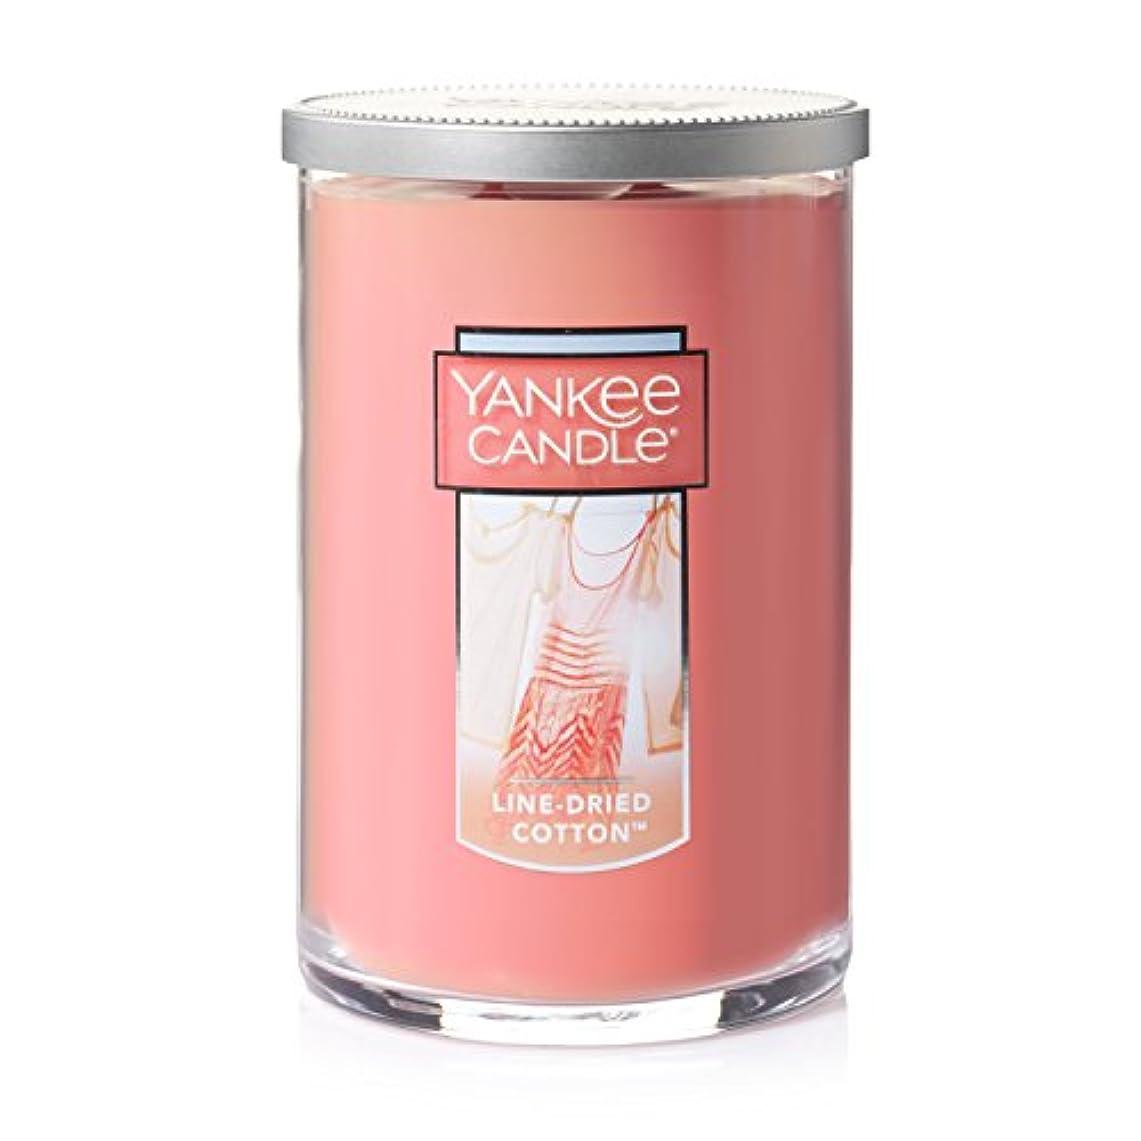 つかの間女王見えるYankee Candle Jar Candle、line-driedコットン Large 2-Wick Tumbler Candle ピンク 1351643